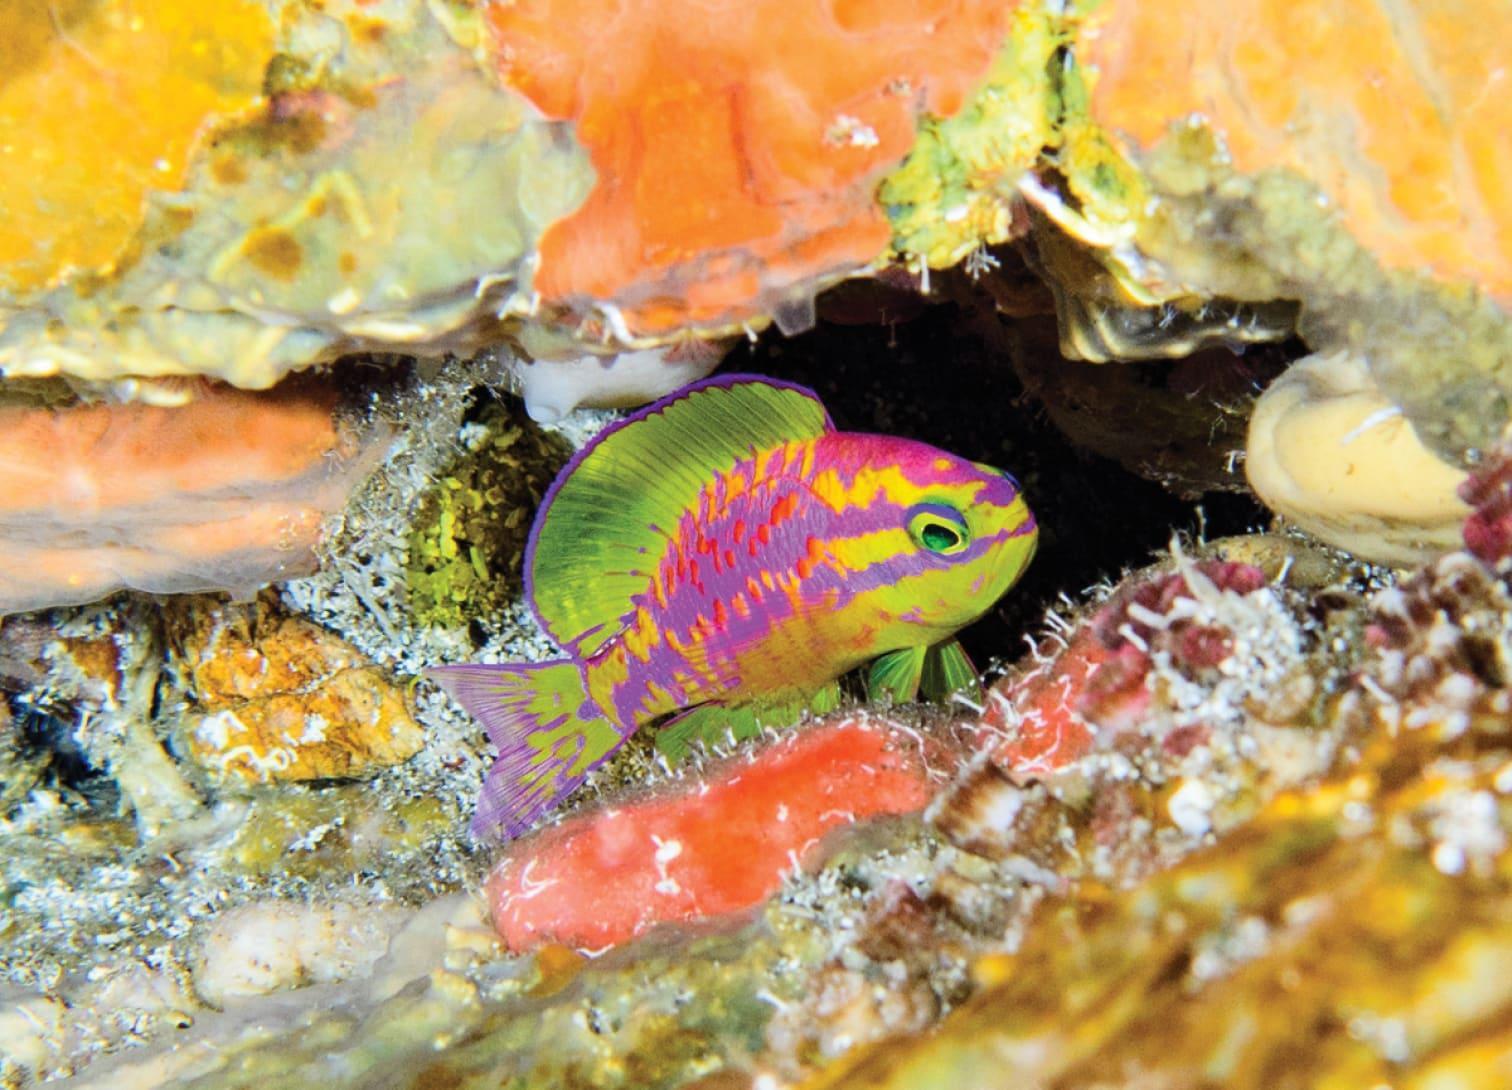 Рыбу кислотных цветов назвали в честь Афродиты